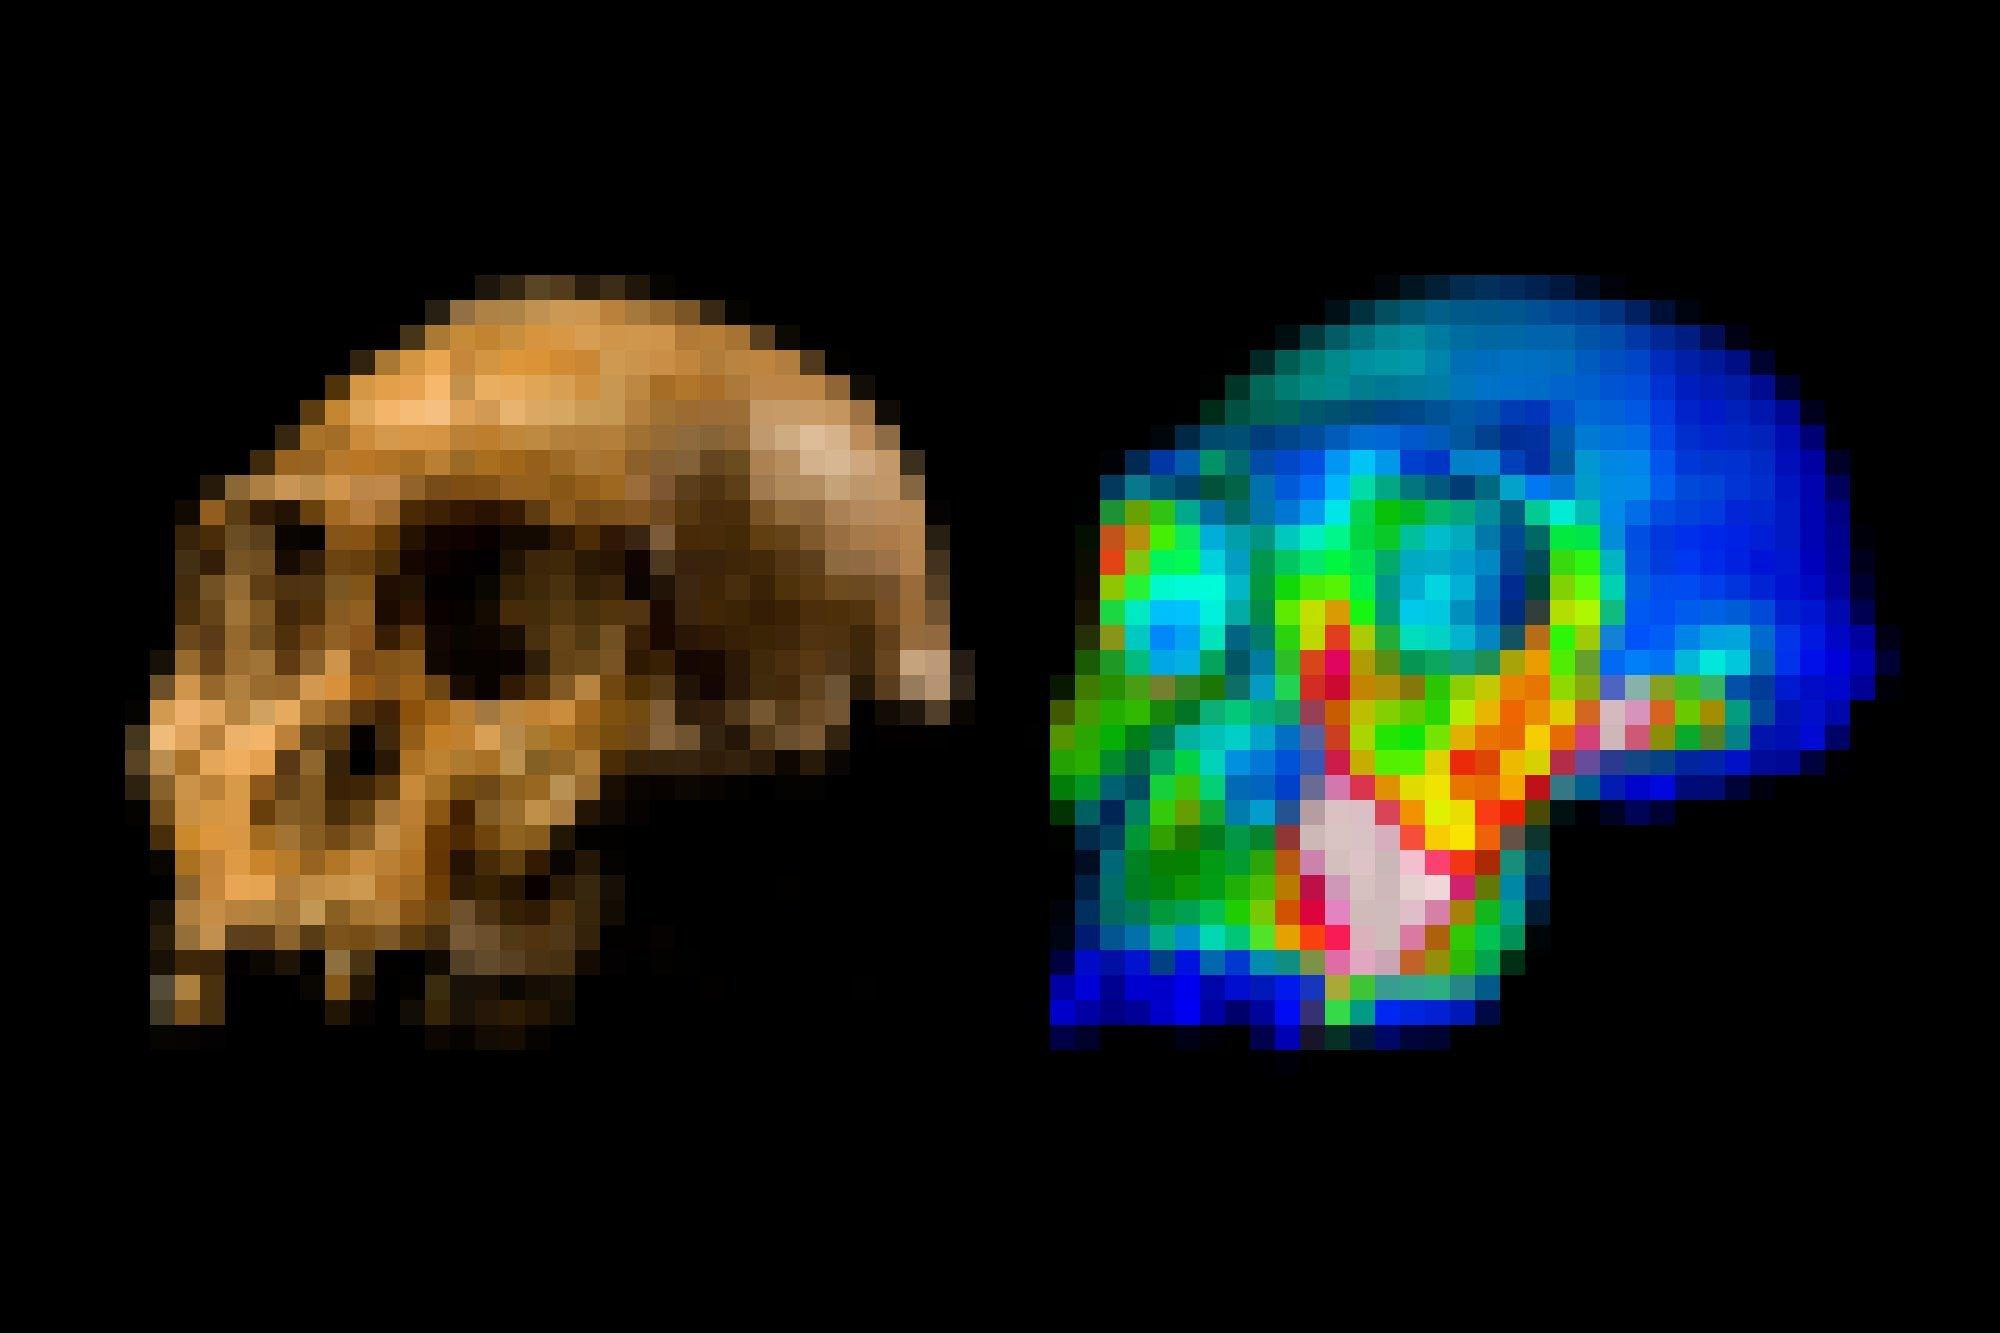 Links ist ein fossiler Schädel ohne Unterkiefer zu sehen, halb von vorne und halb von der linken Seite gezeigt. Rechts daneben findet sich eine simulierte Darstellung desselben Schädels, in dem verschiedene Bereiche farbig dargestellt sind: Der Hirnschädel etwa dunkelblau, das Gesicht überwiegend grünlich, über den Vorbackenzähnen sowie dem Wangenknochen jedoch gelb und rot.